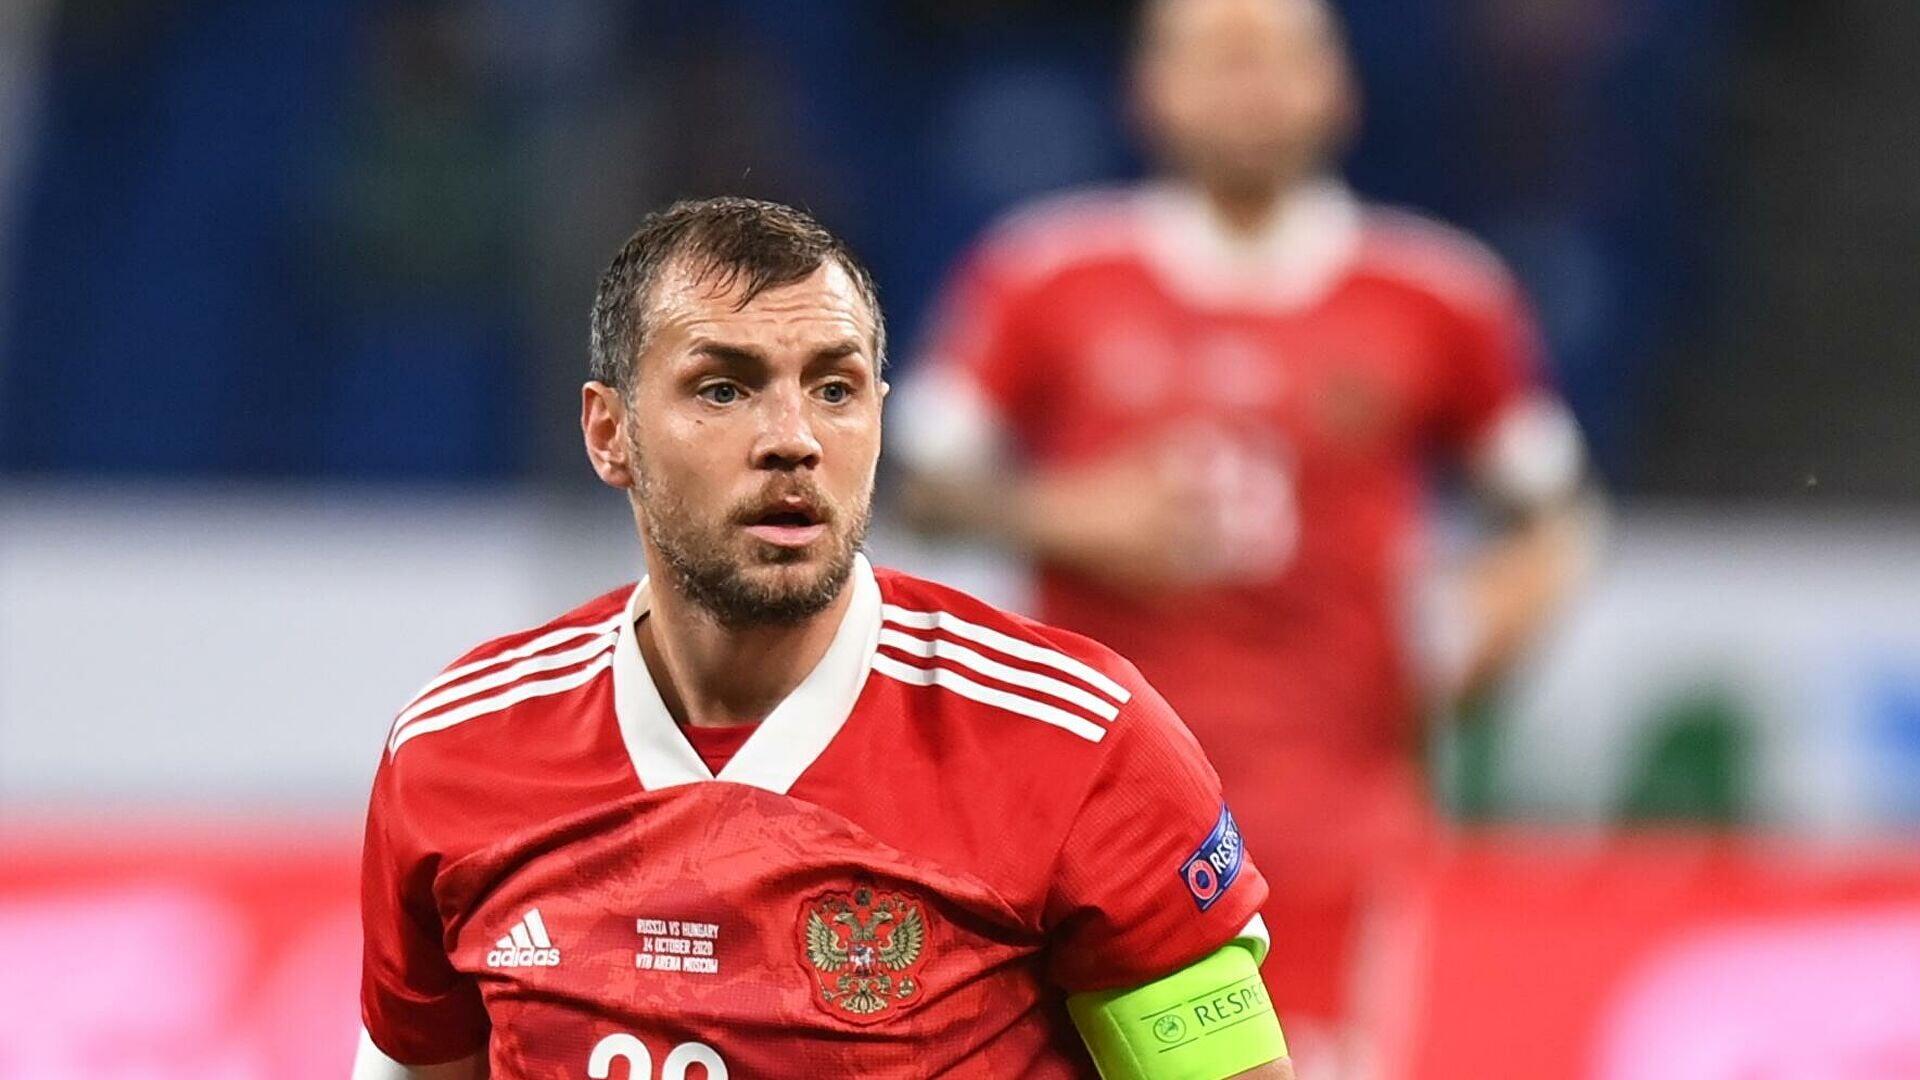 Александр Дюков: «Дзюба мог бы и помочь сборной, он набрал хорошую форму»